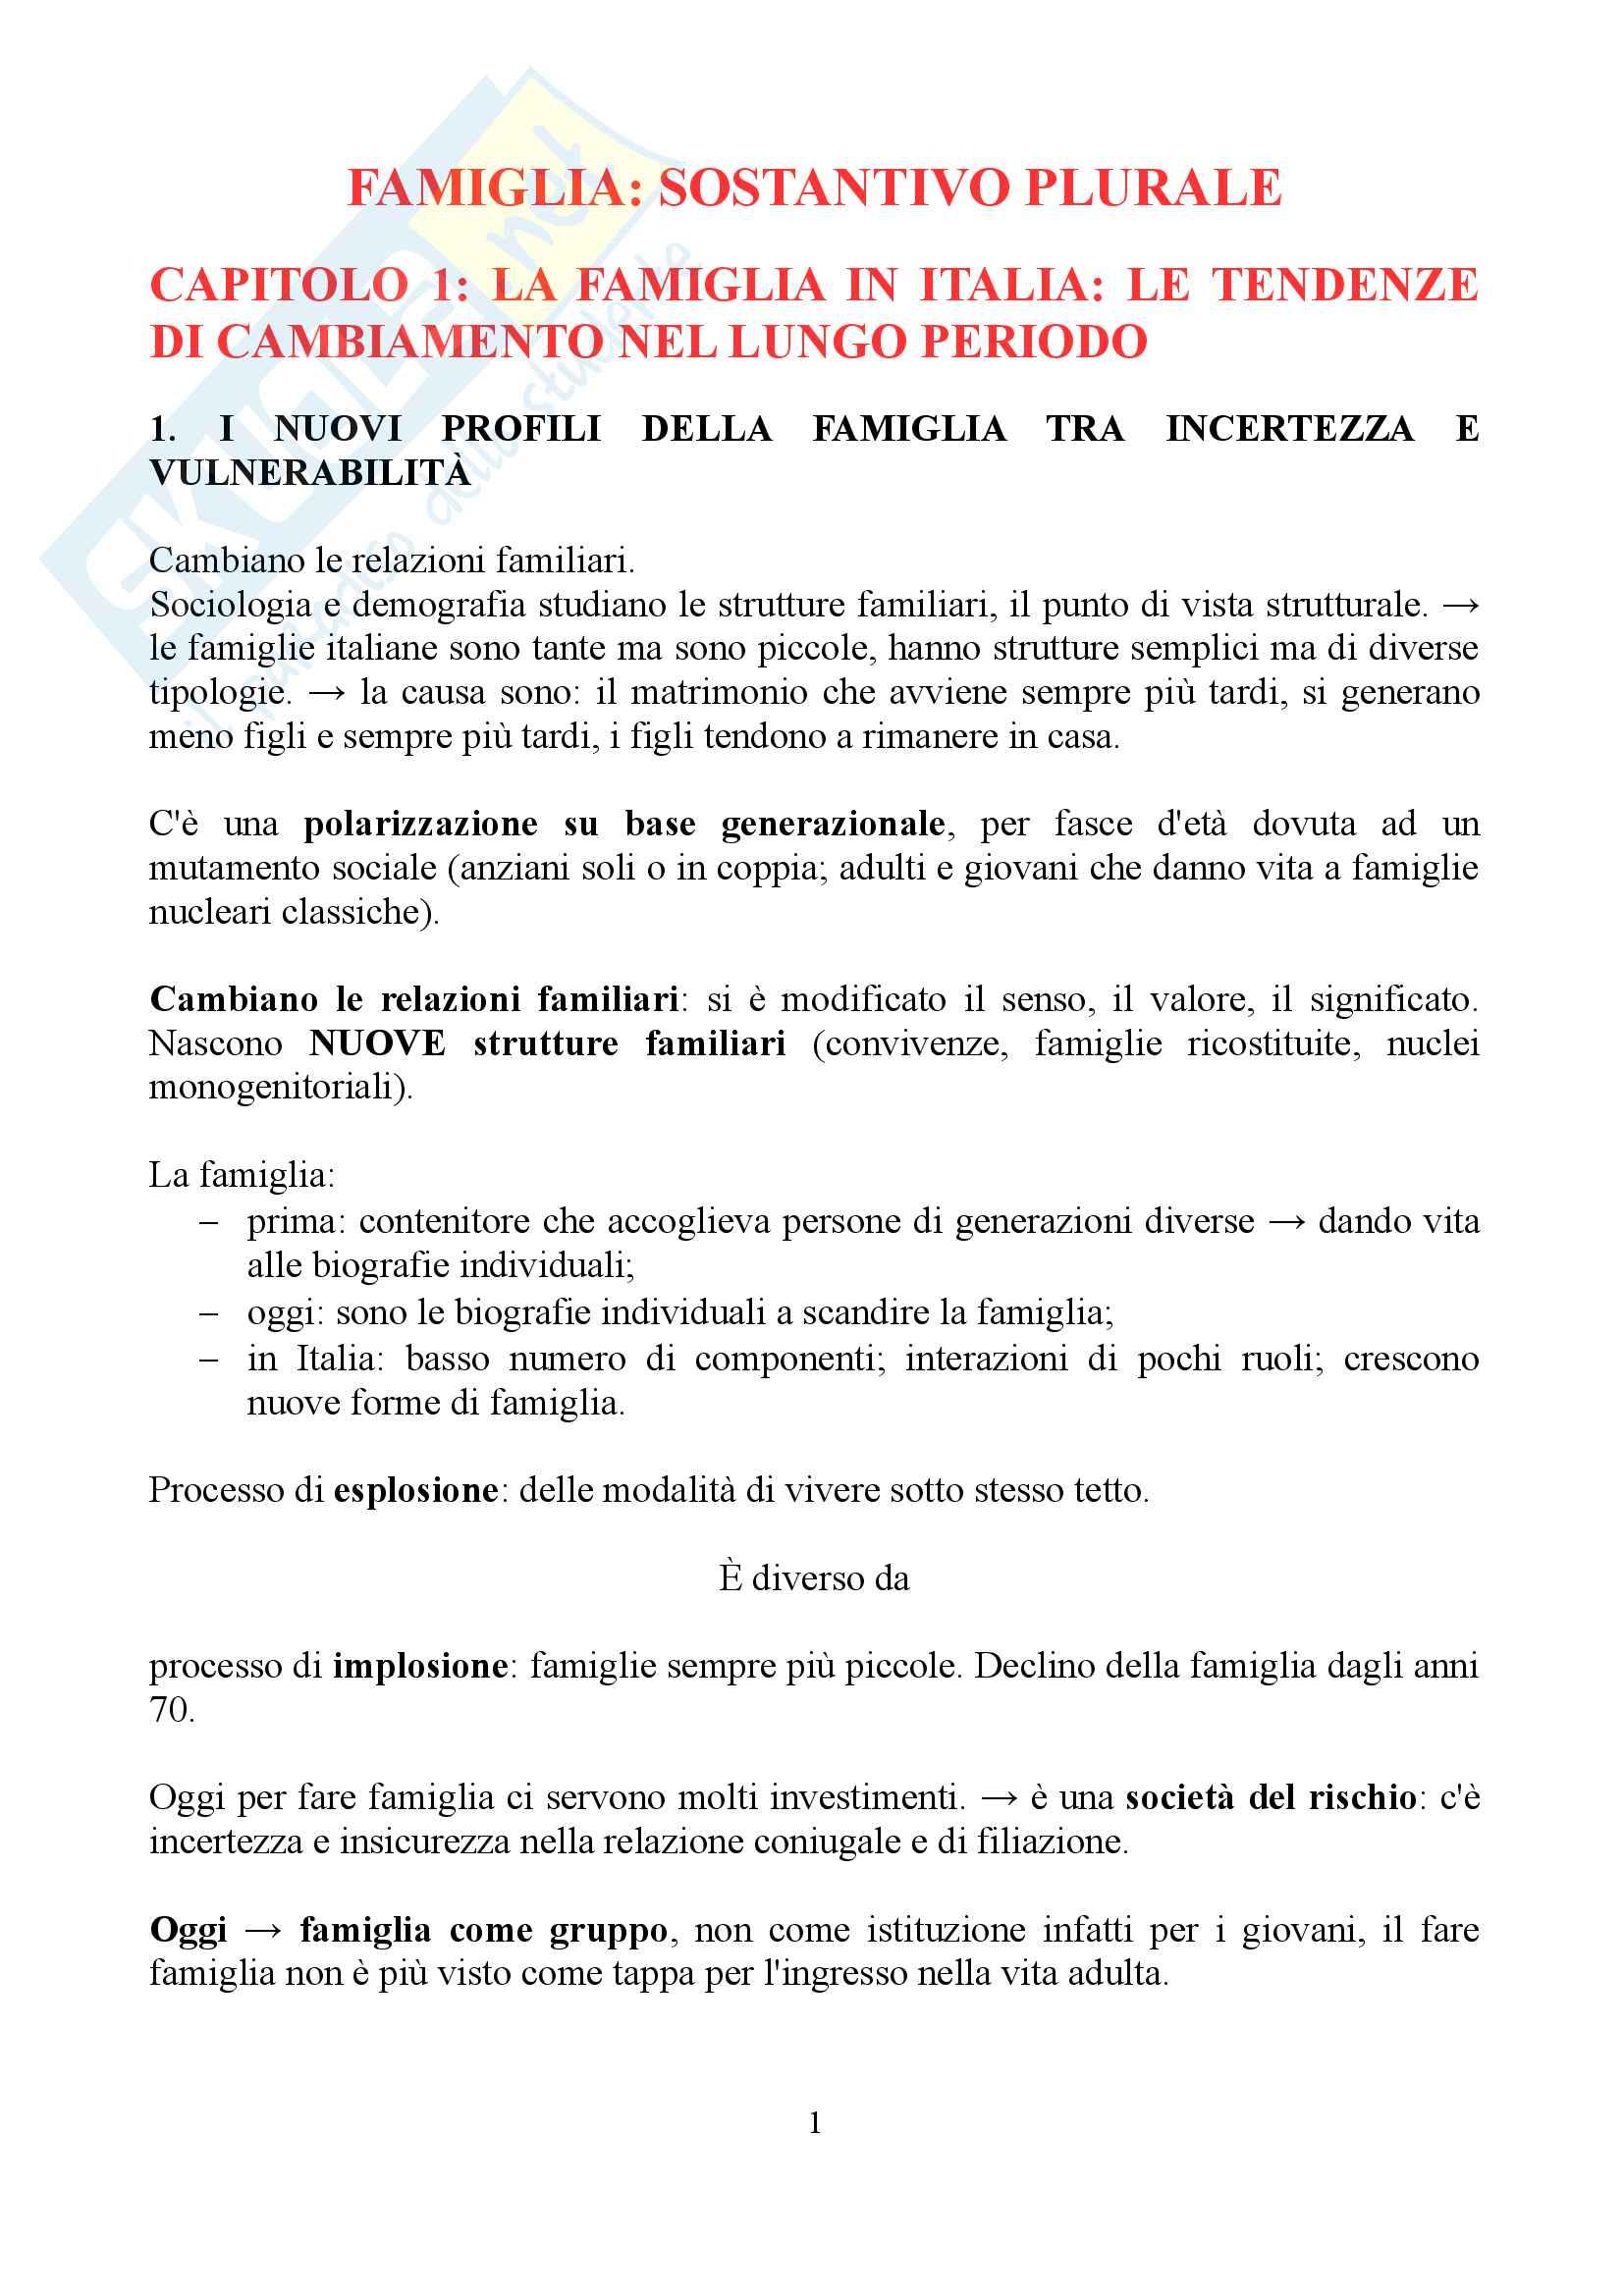 """Sunto di sociologia della famiglia, docente Diego Mesa, libro consigliato """"famiglia sostantivo plurale"""", Paola Di Nicola)"""